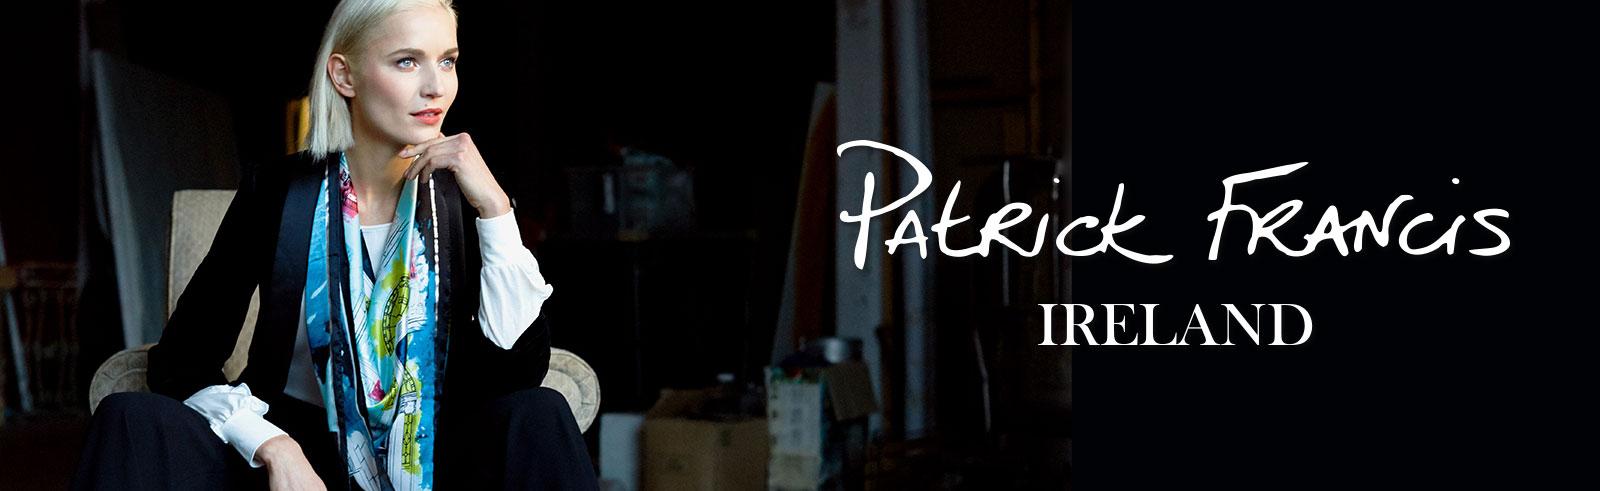 Patrick Francis